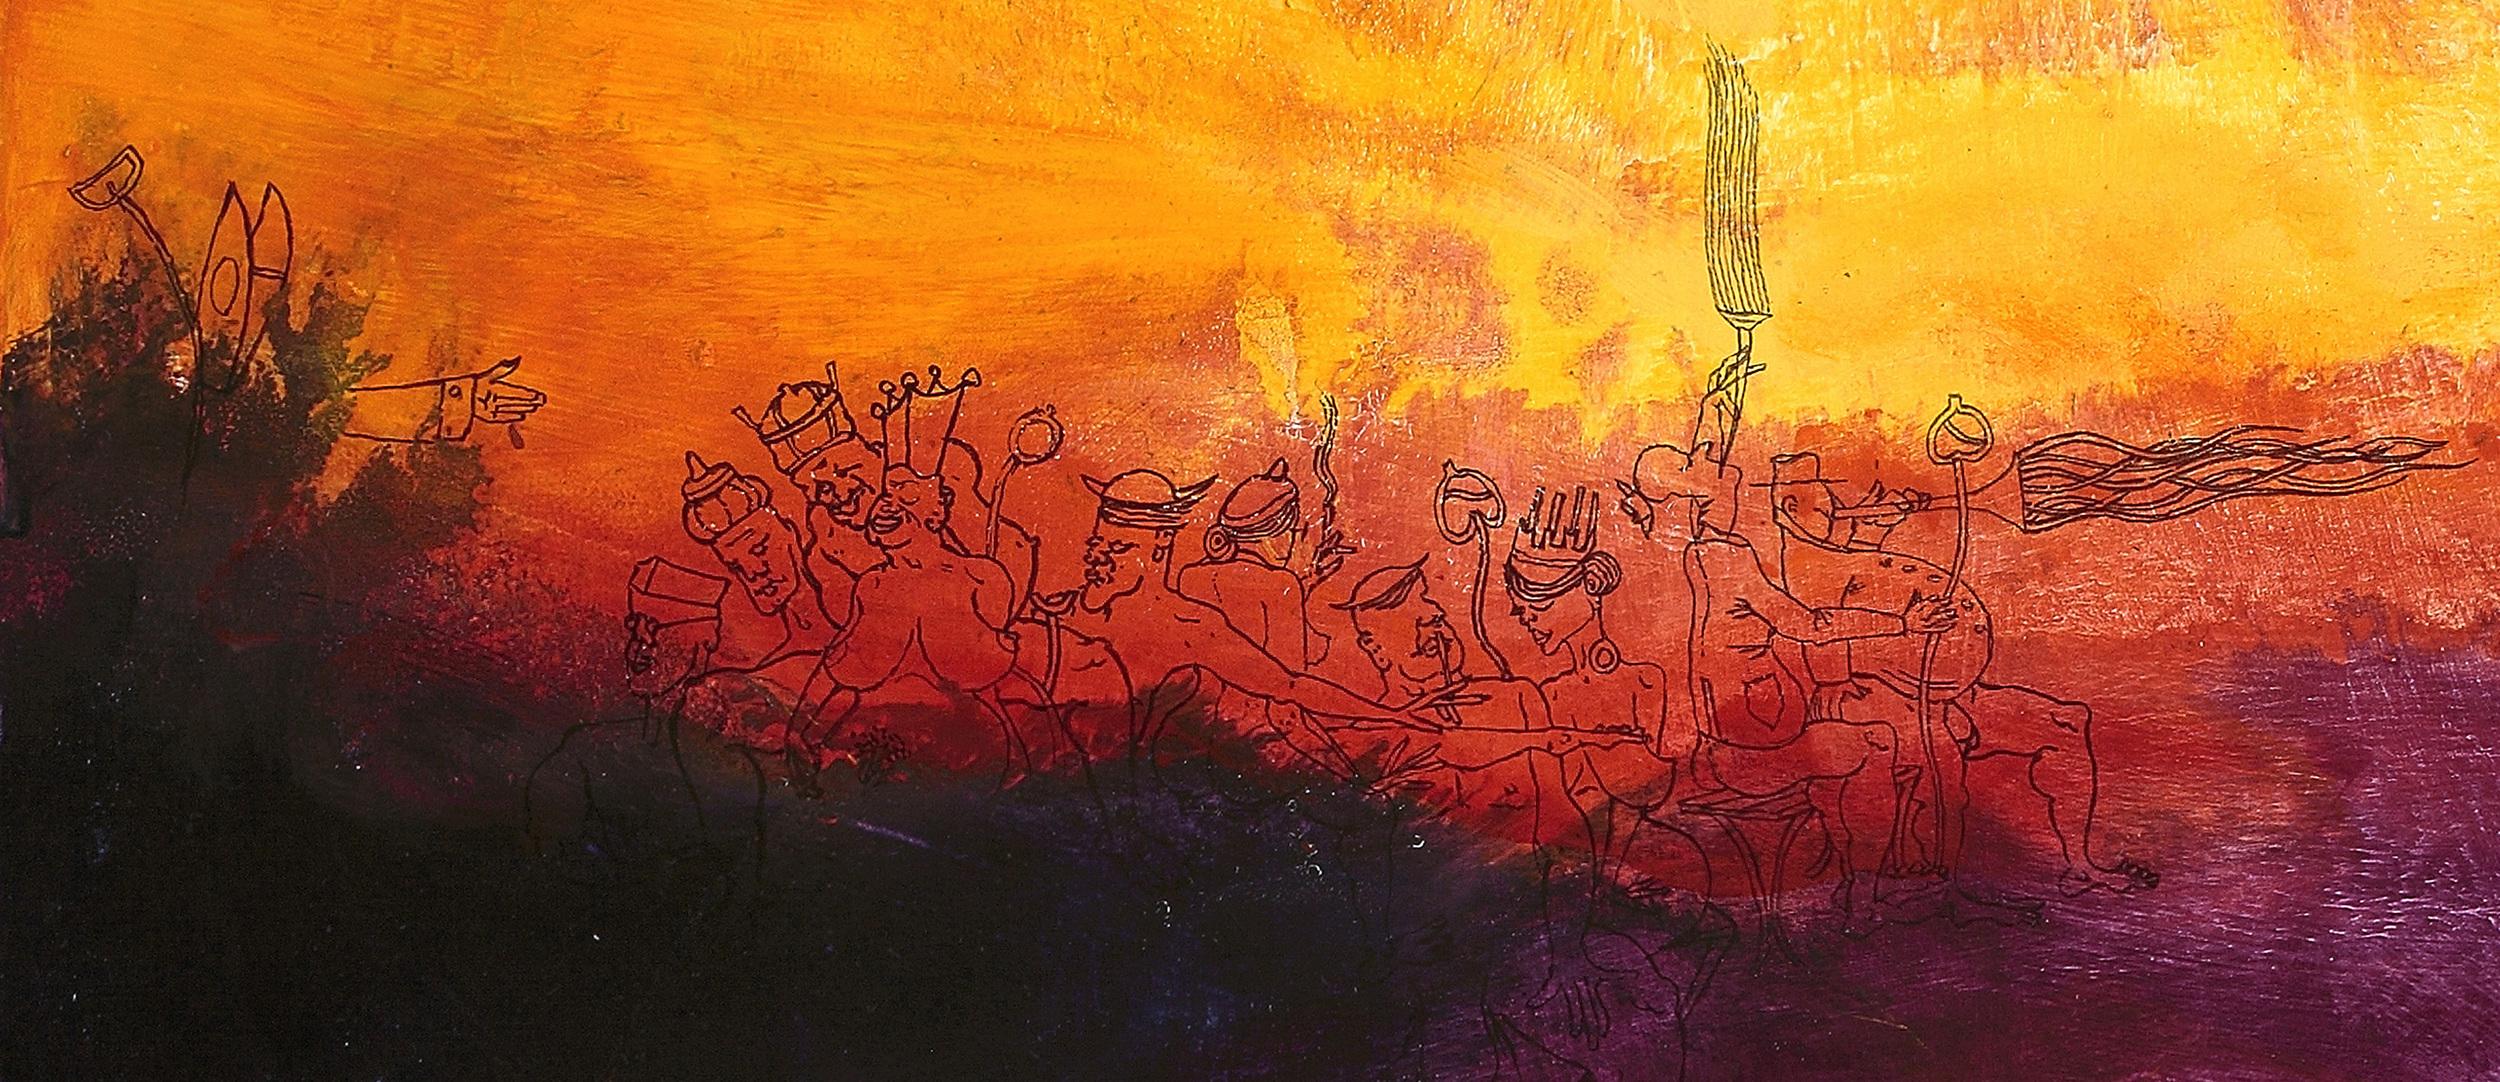 Spirit of This Time (detail) by Ellen Johansen and M G Walker